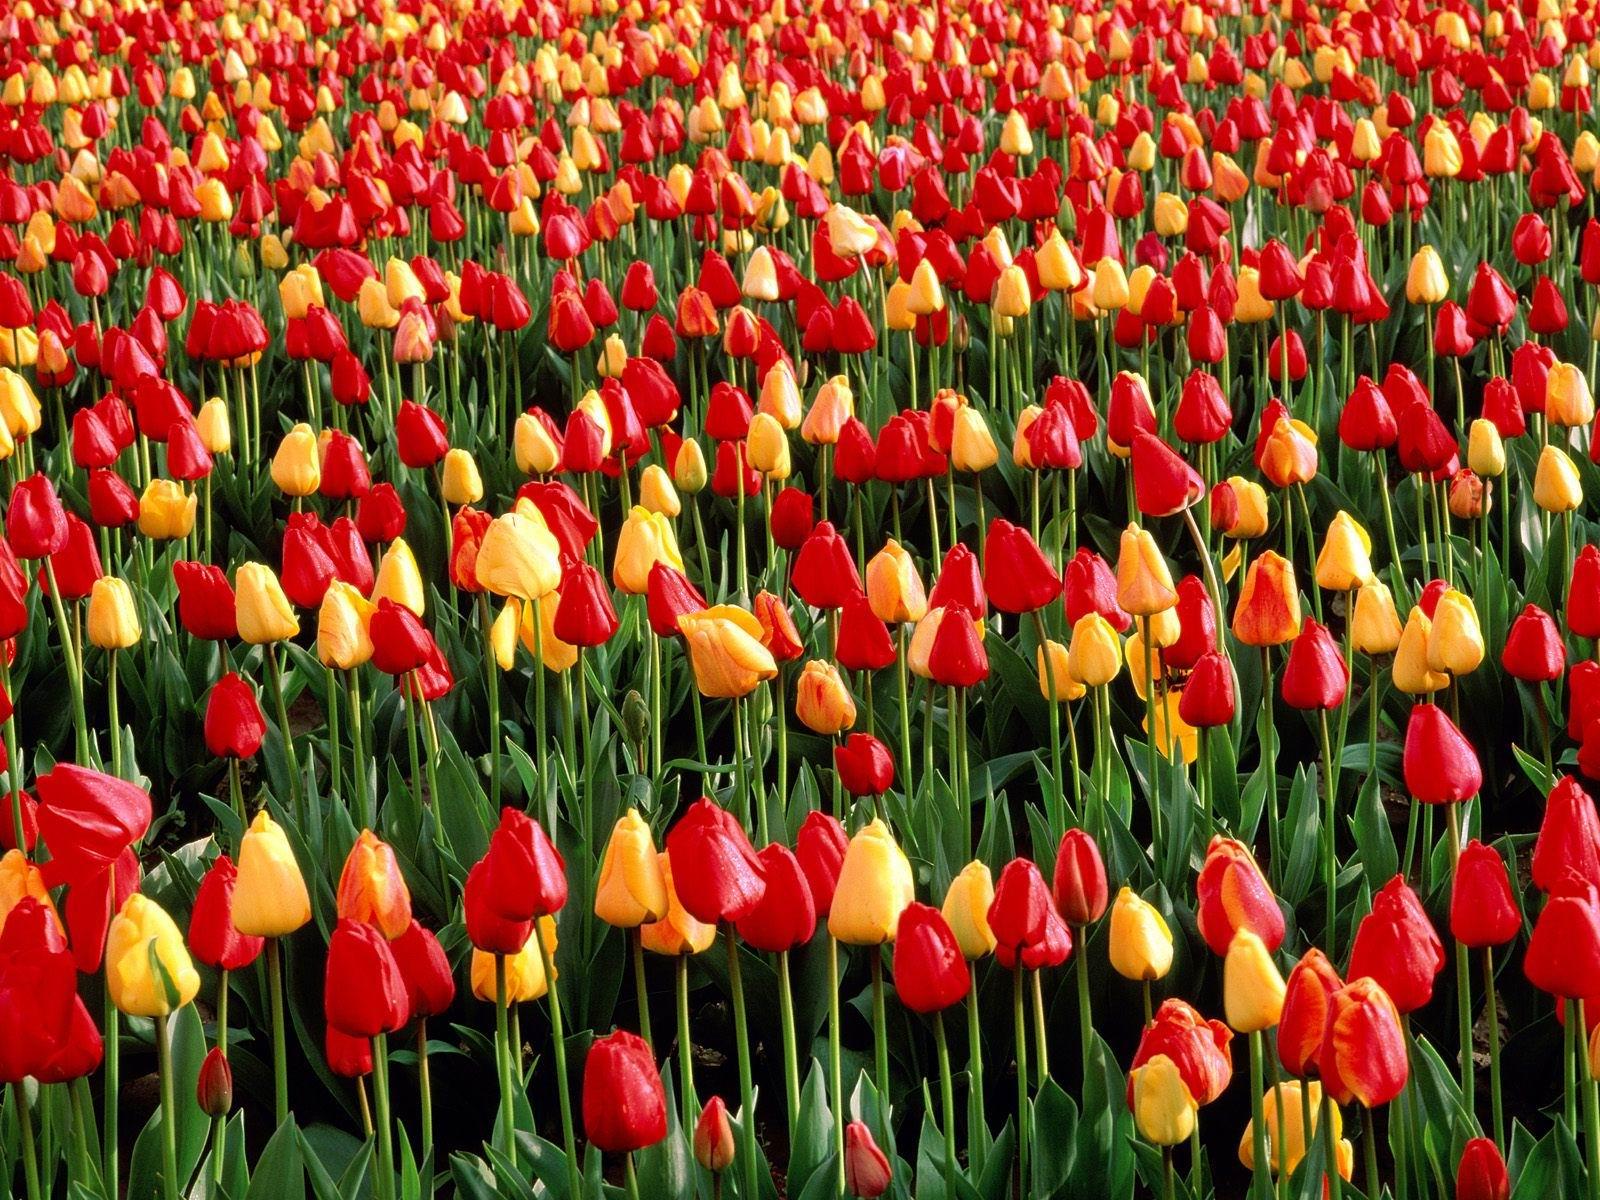 http://2.bp.blogspot.com/_FFkA14ggsBk/SjEPFsagAbI/AAAAAAAAAAM/qx7s9aP20FY/S1600-R/kwiaty08.jpg